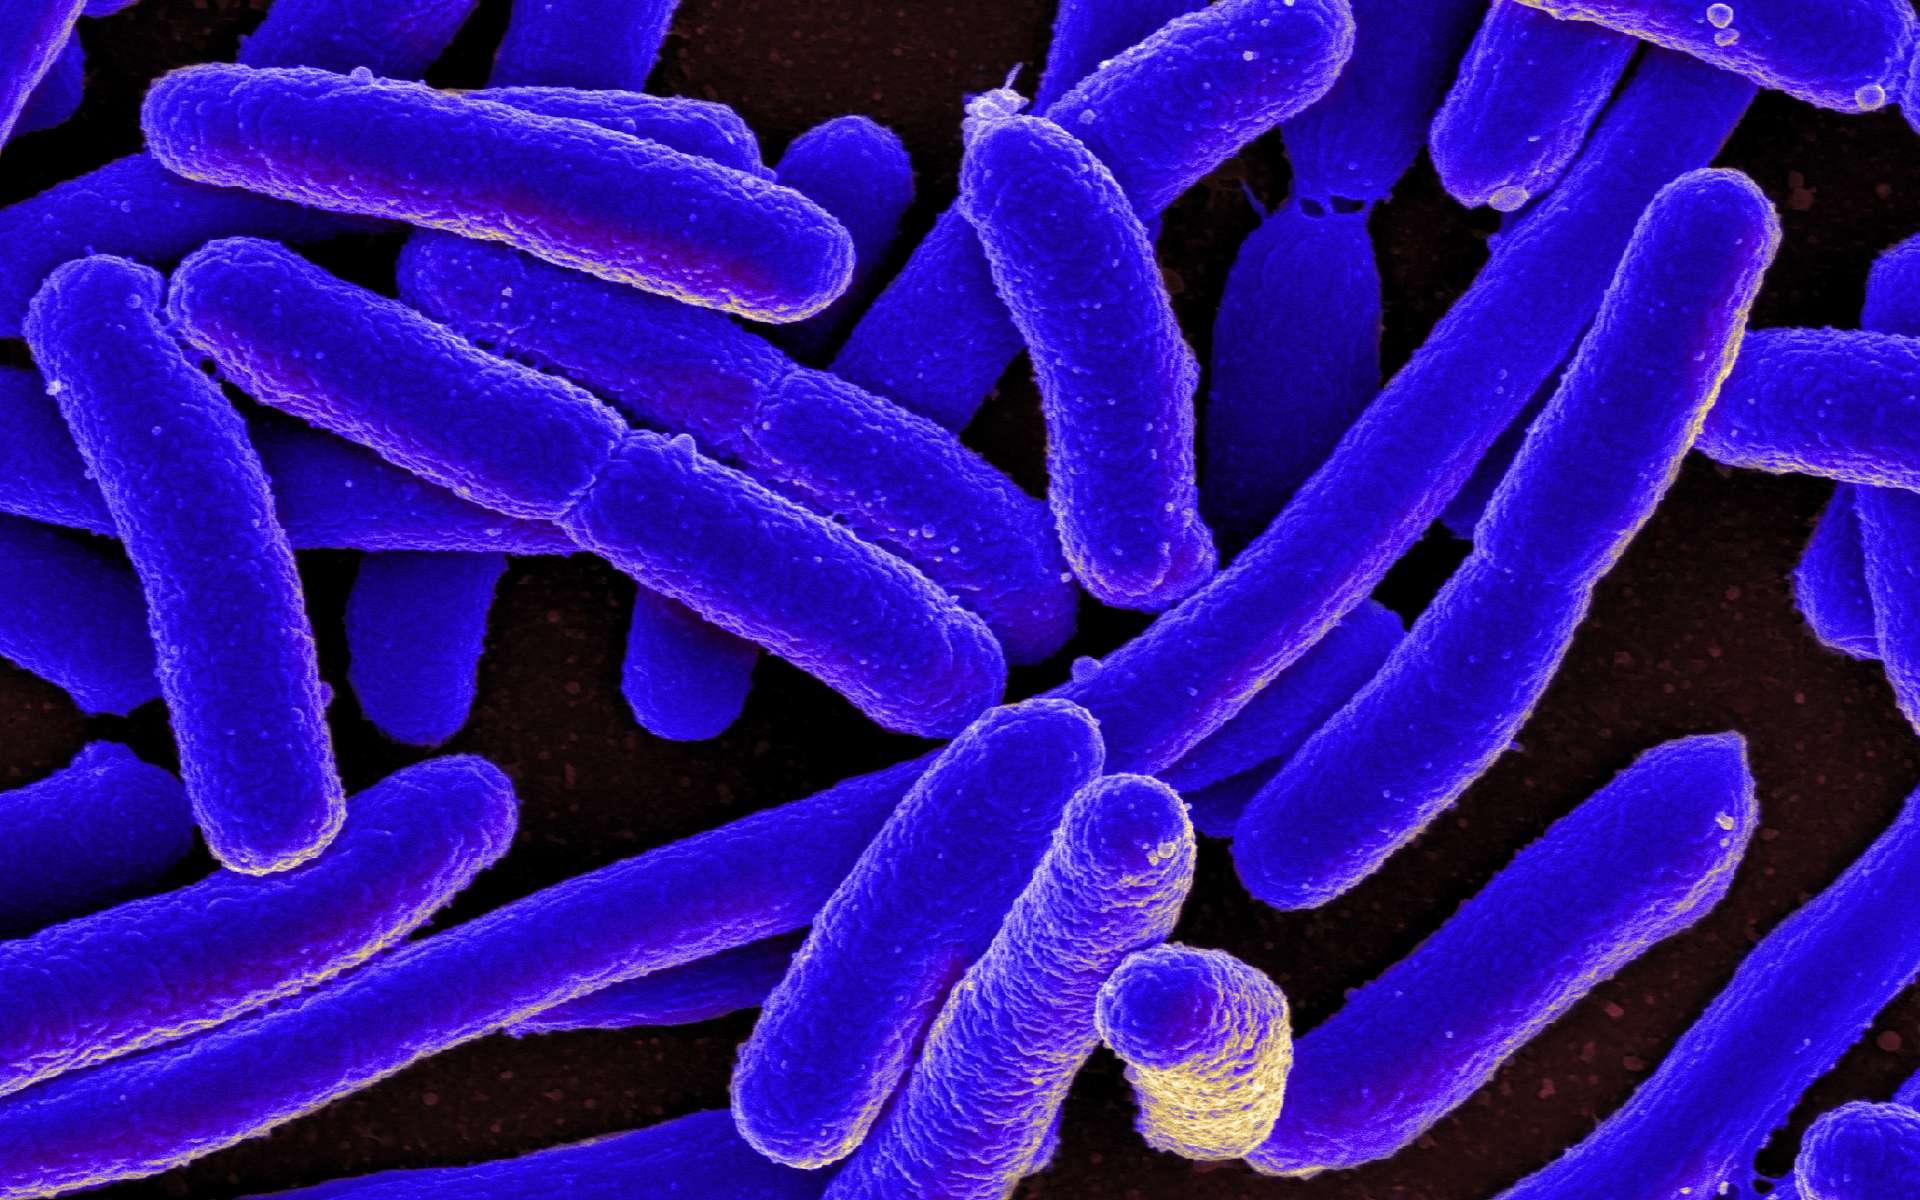 Le génome de la bactérie E. coli recréé de toutes pièces par synthèse chimique. © NIAID